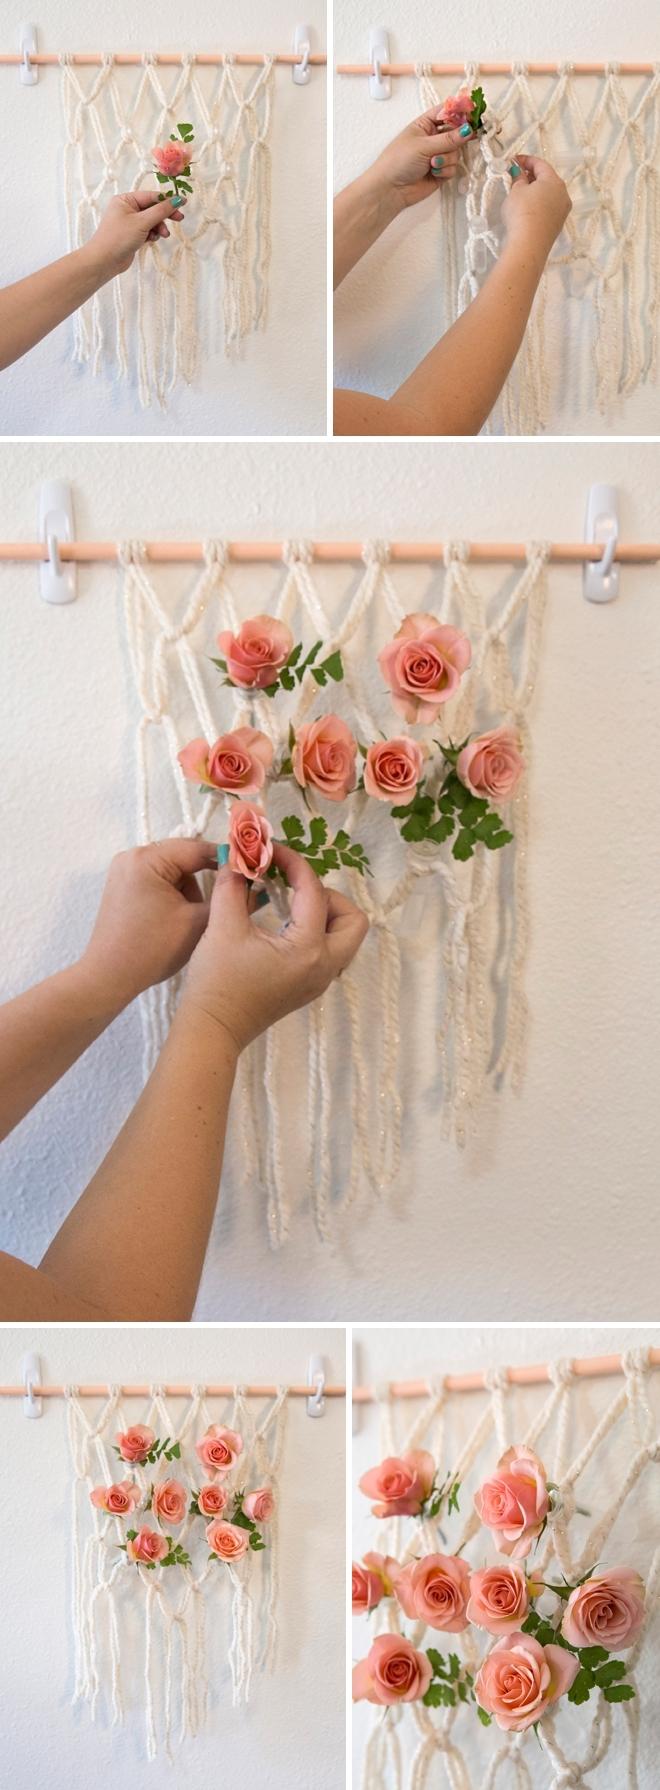 Hướng dẫn làm thảm macrame kết hoa cho đám cưới boho